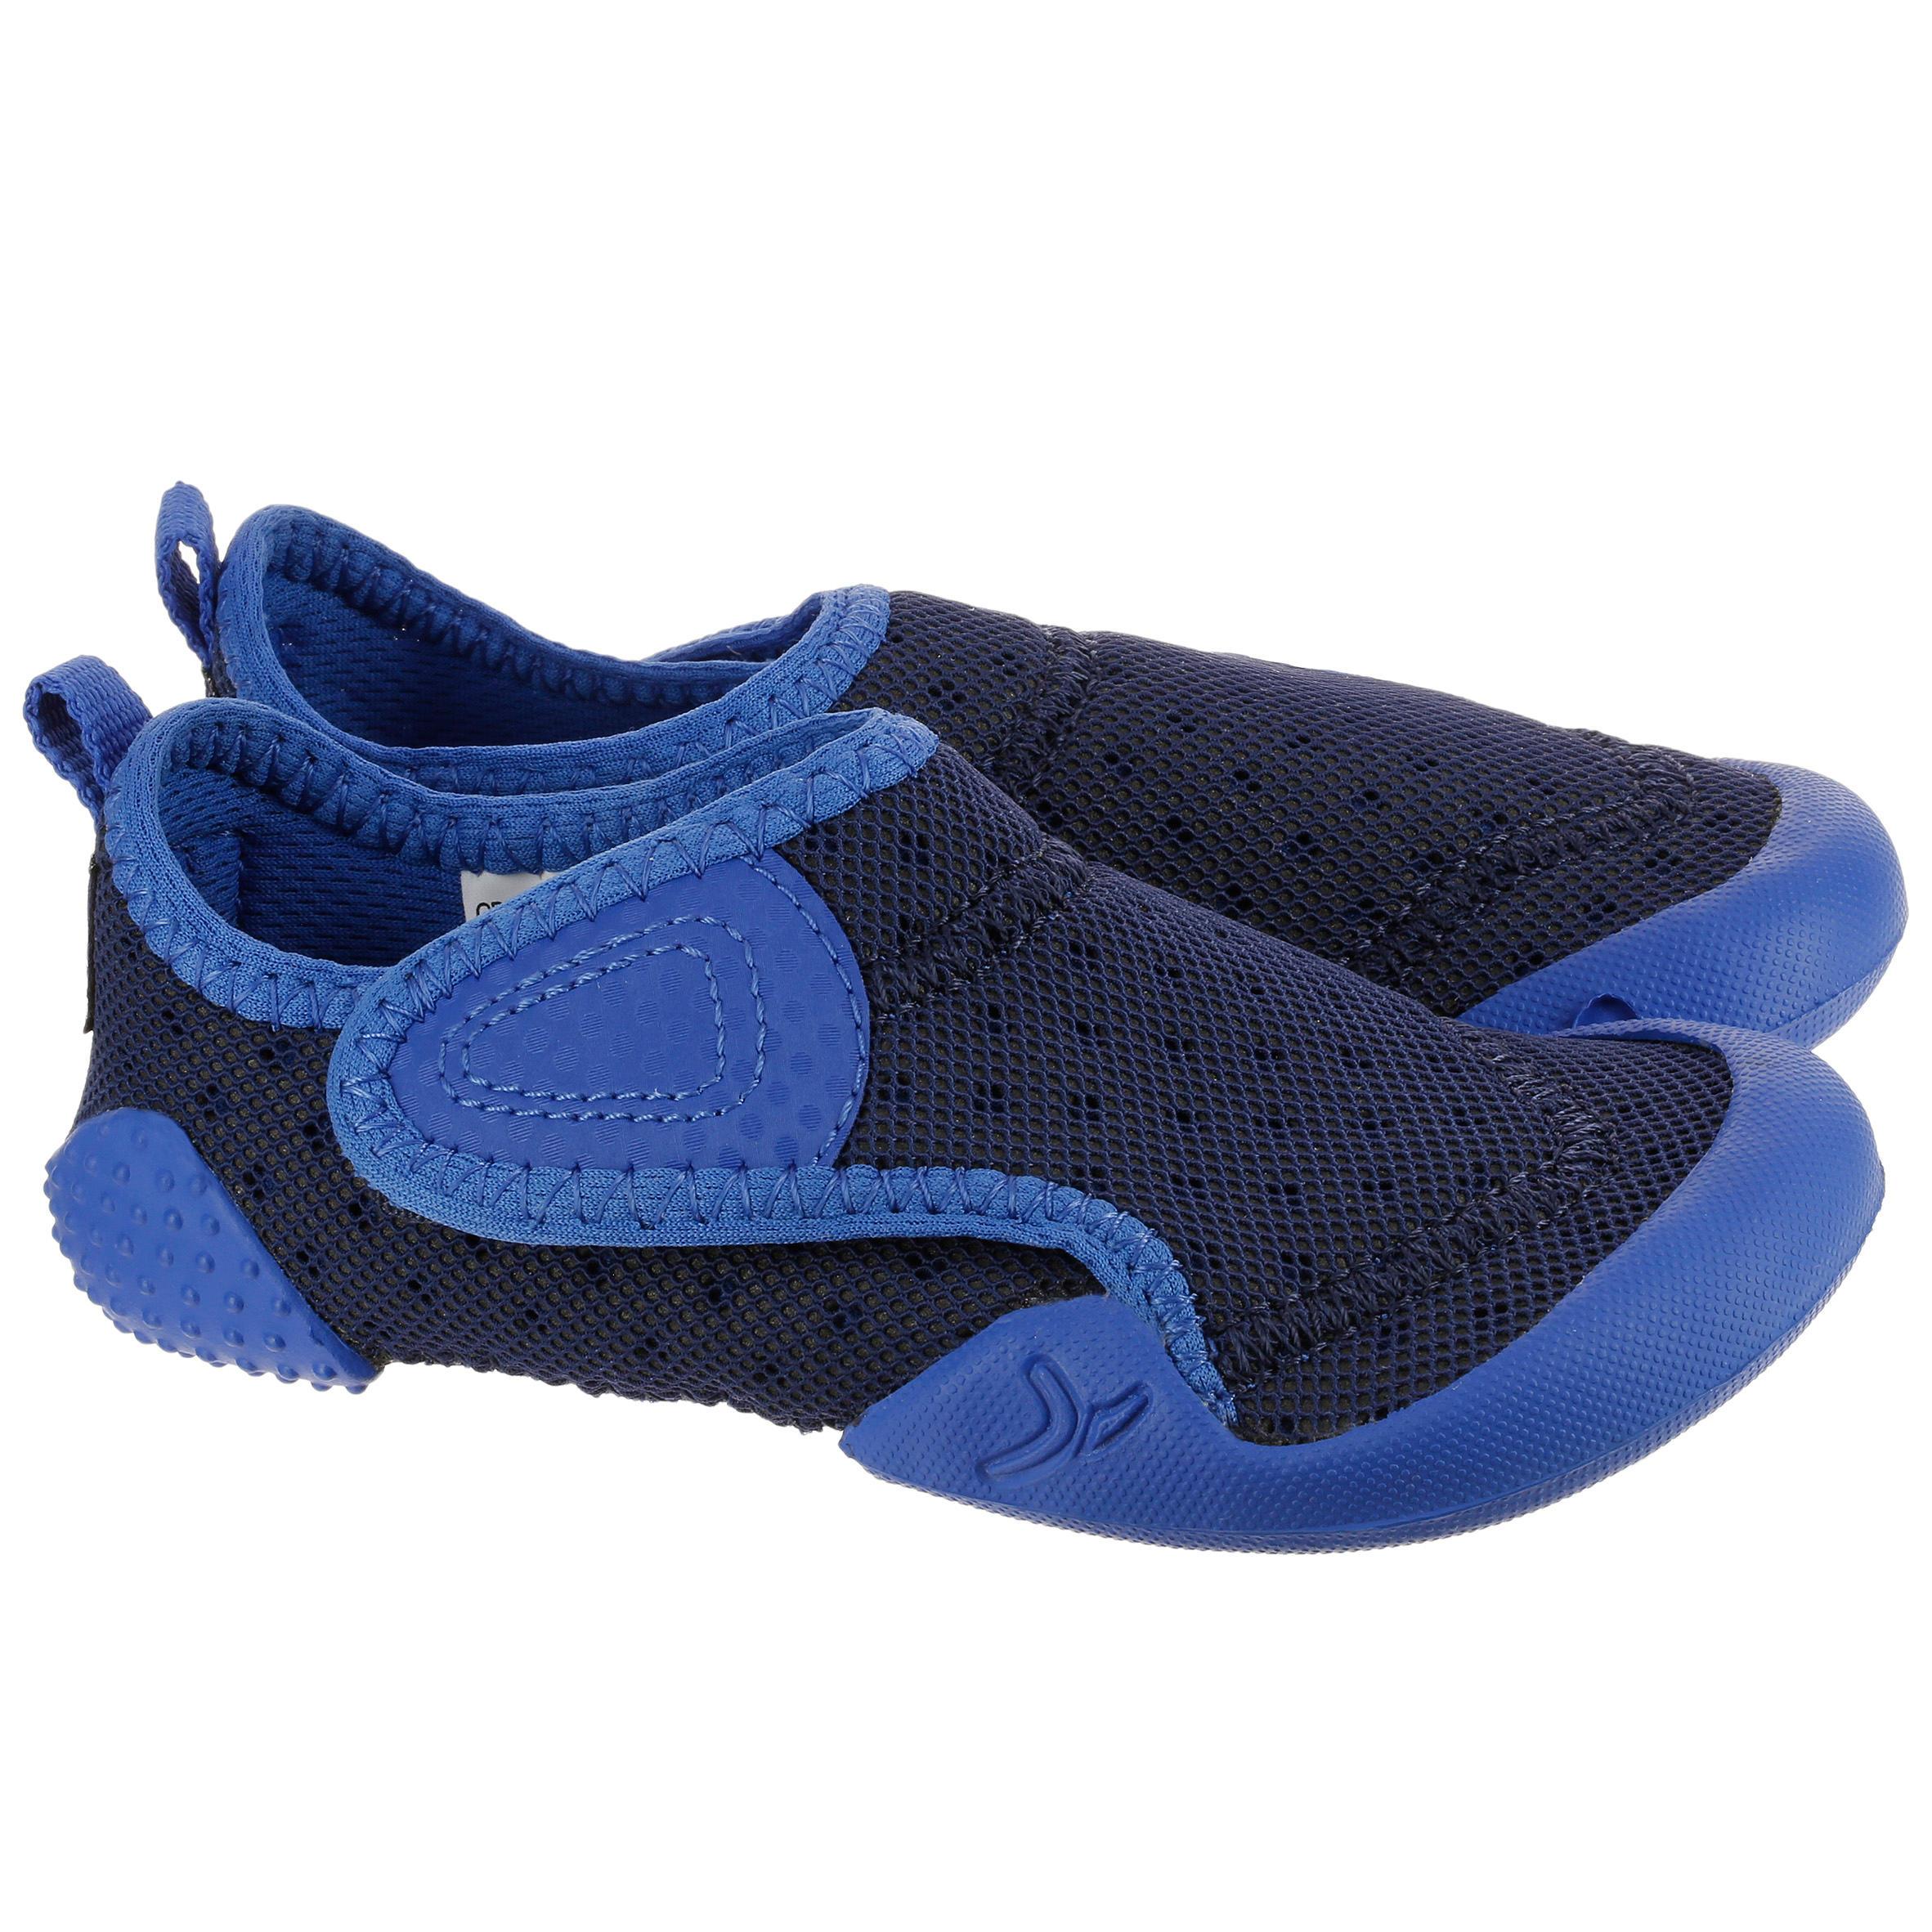 Schoentjes voor kleutergym Babylight blauw